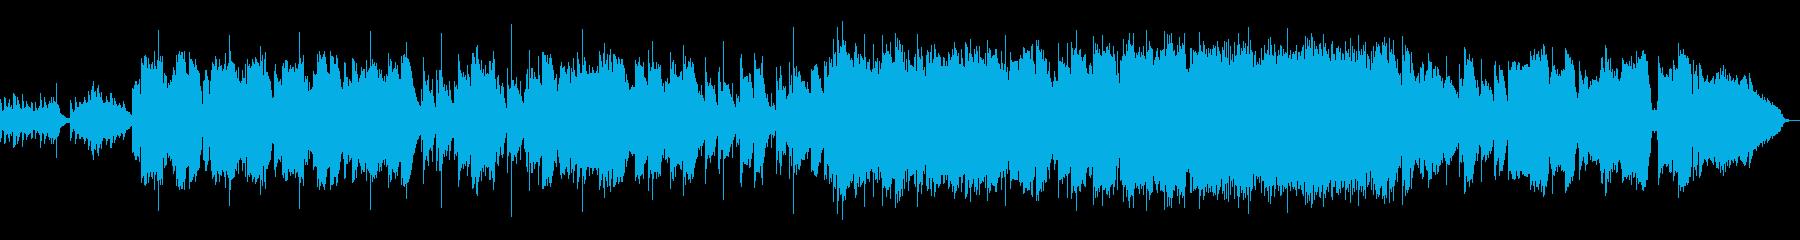 生演奏《トランペットのしっとりした和風曲の再生済みの波形